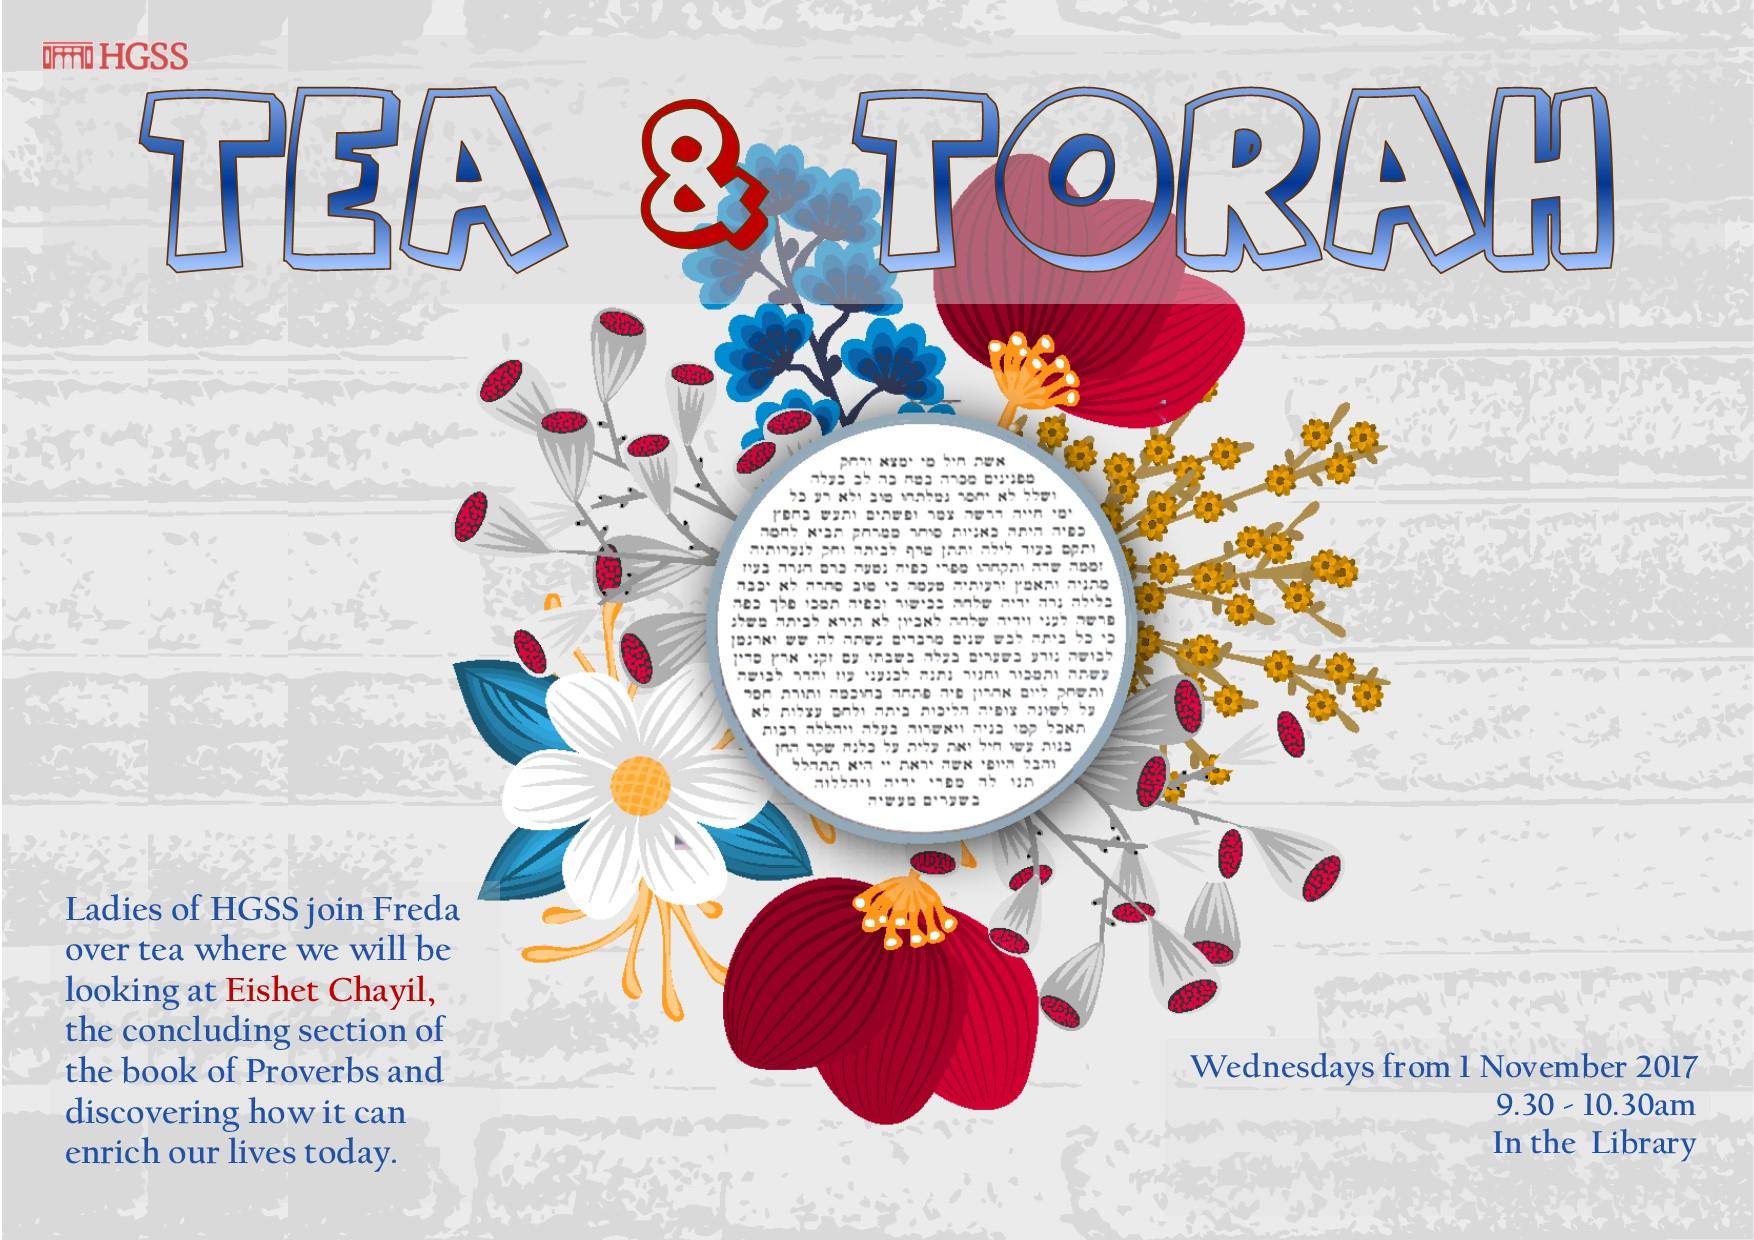 Tea & Torah